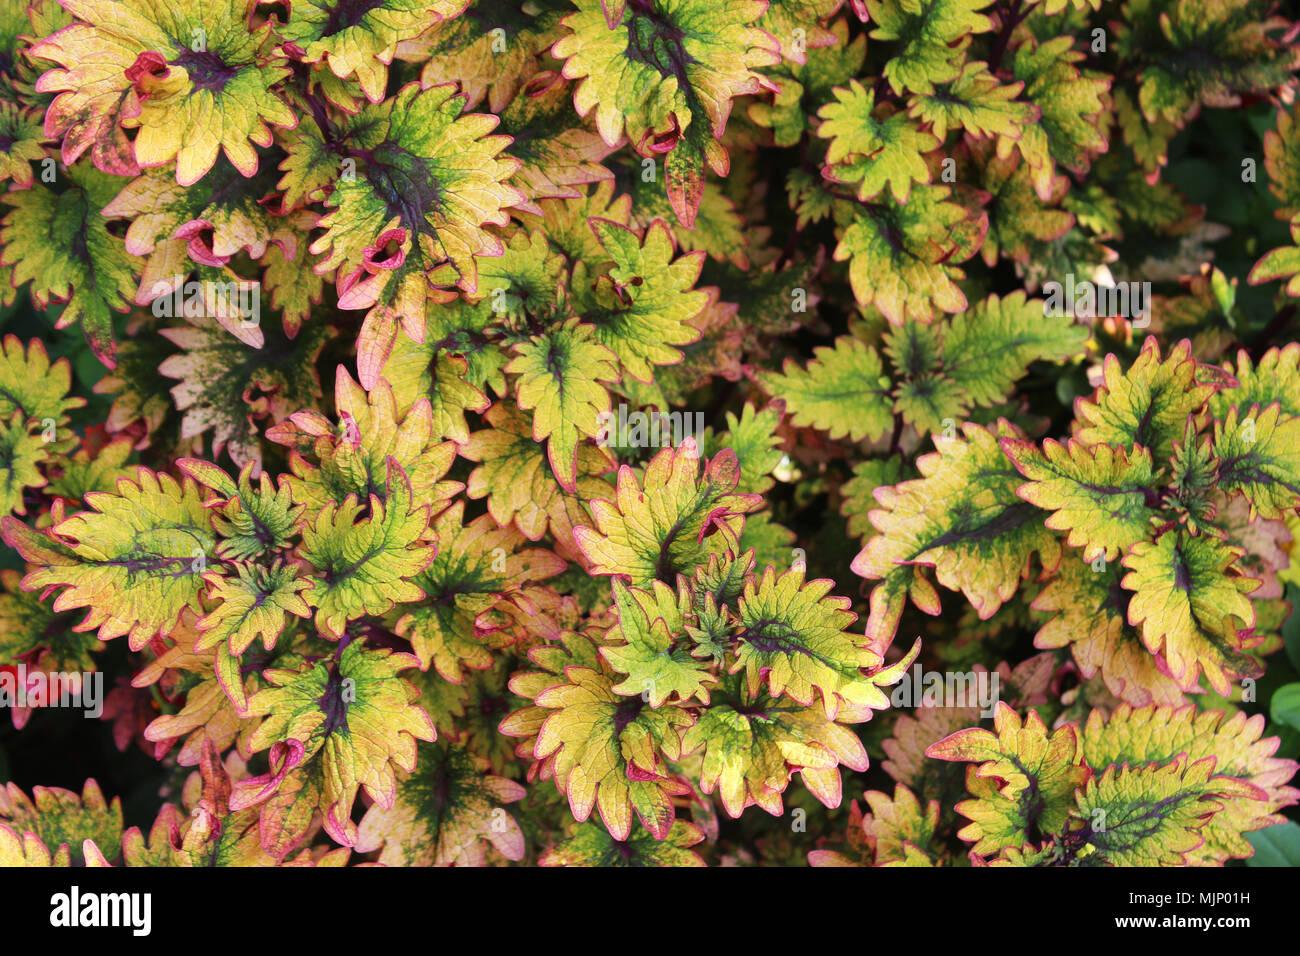 Close up de feuilles dentelées, vert feuilles avec bordure rose et violet center Photo Stock